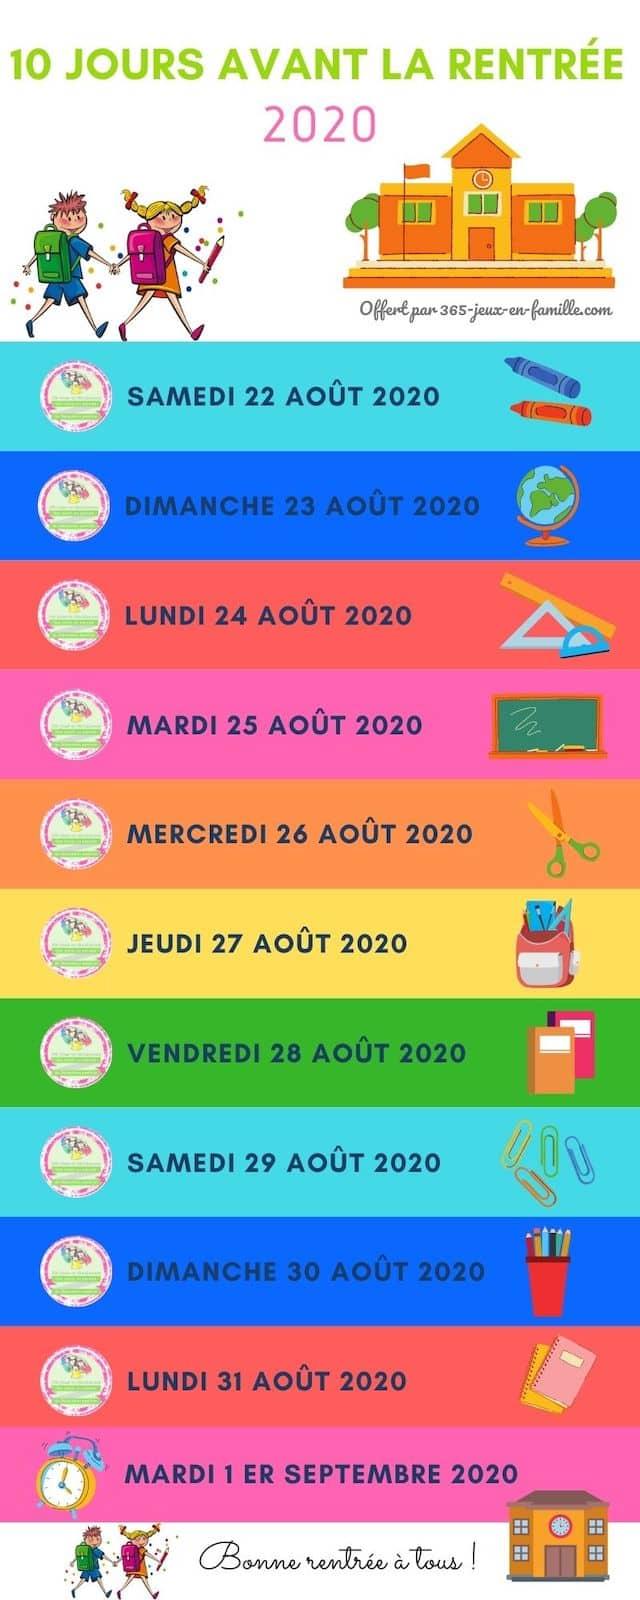 Rentrée 2020 : la frise à télécharger